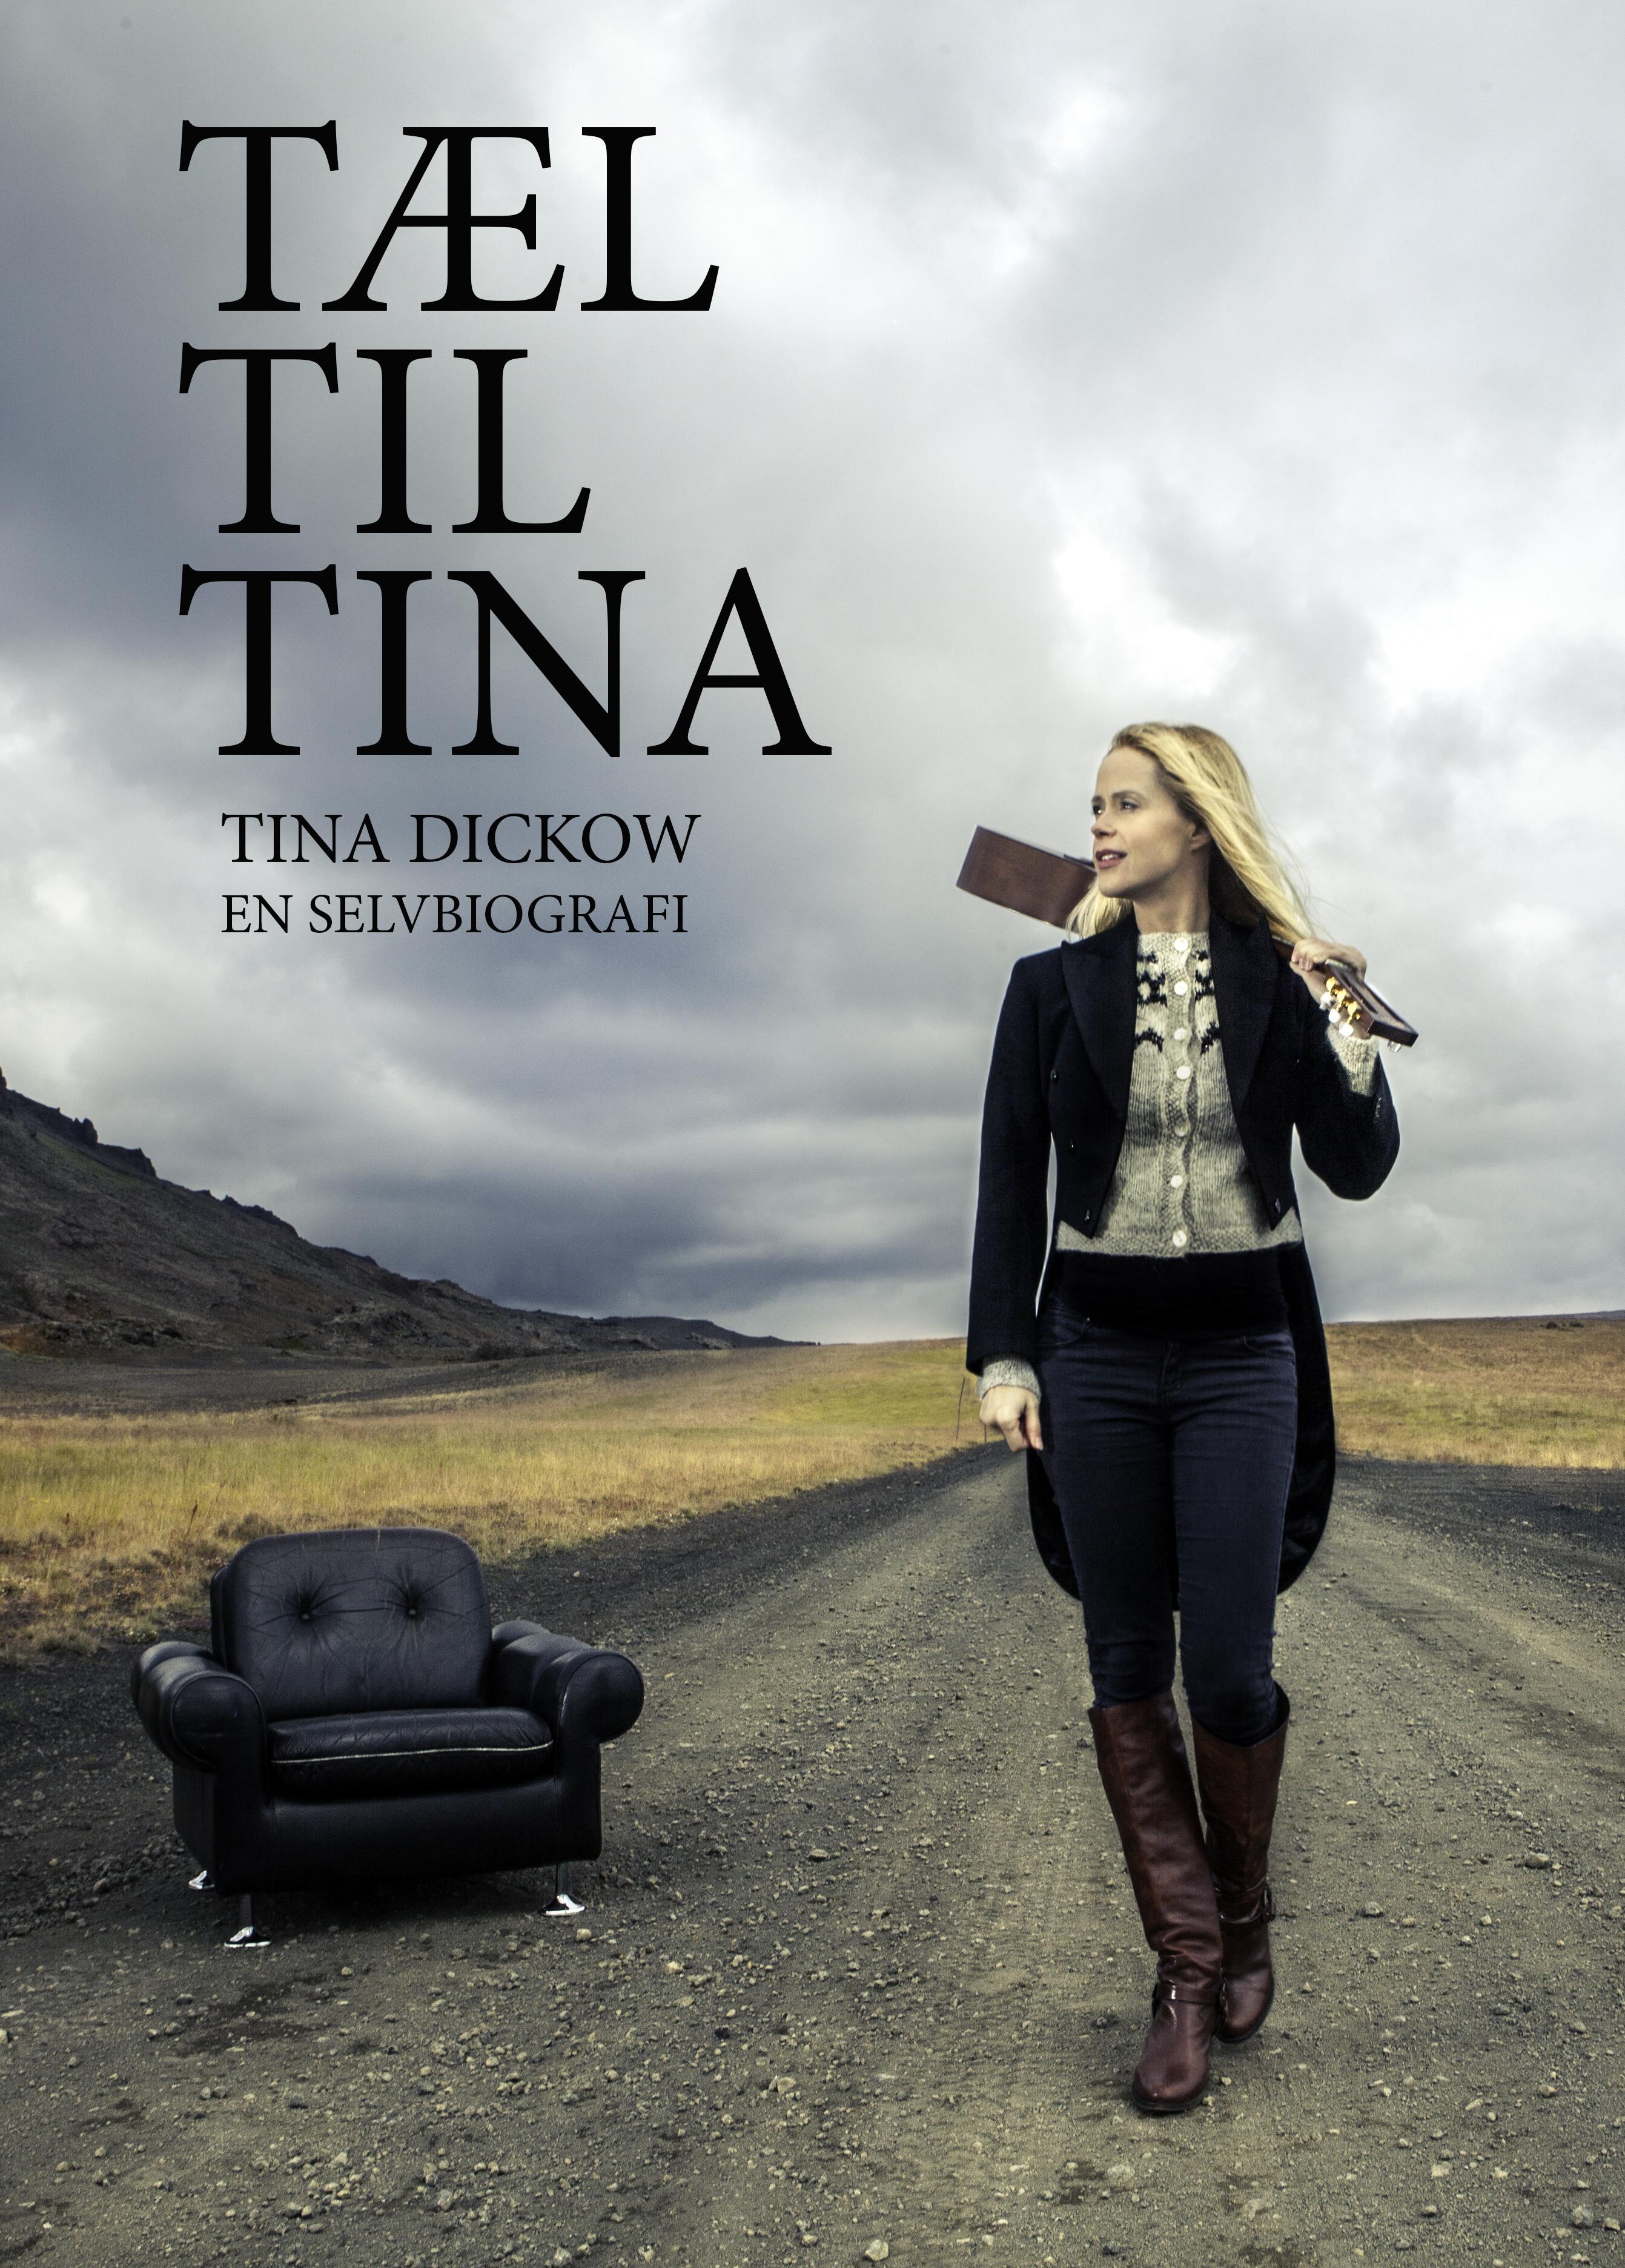 Tæl til Tina - Tina Dickow - Bøger - Finest Gramophone - 9788797019016 - 6. november 2017